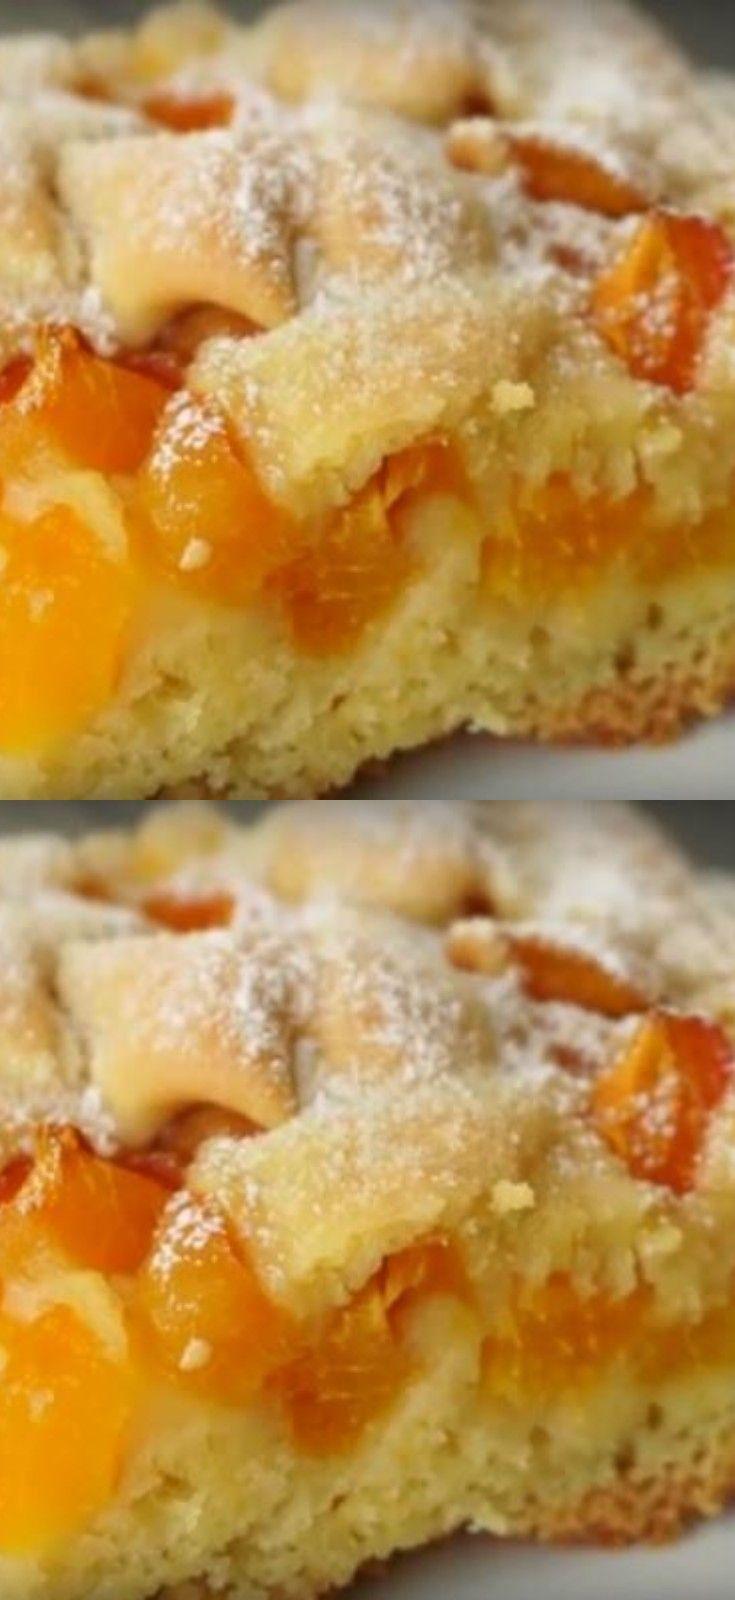 Быстрый и невероятно вкусный абрикосовый пирог к чаю #kochenundbacken